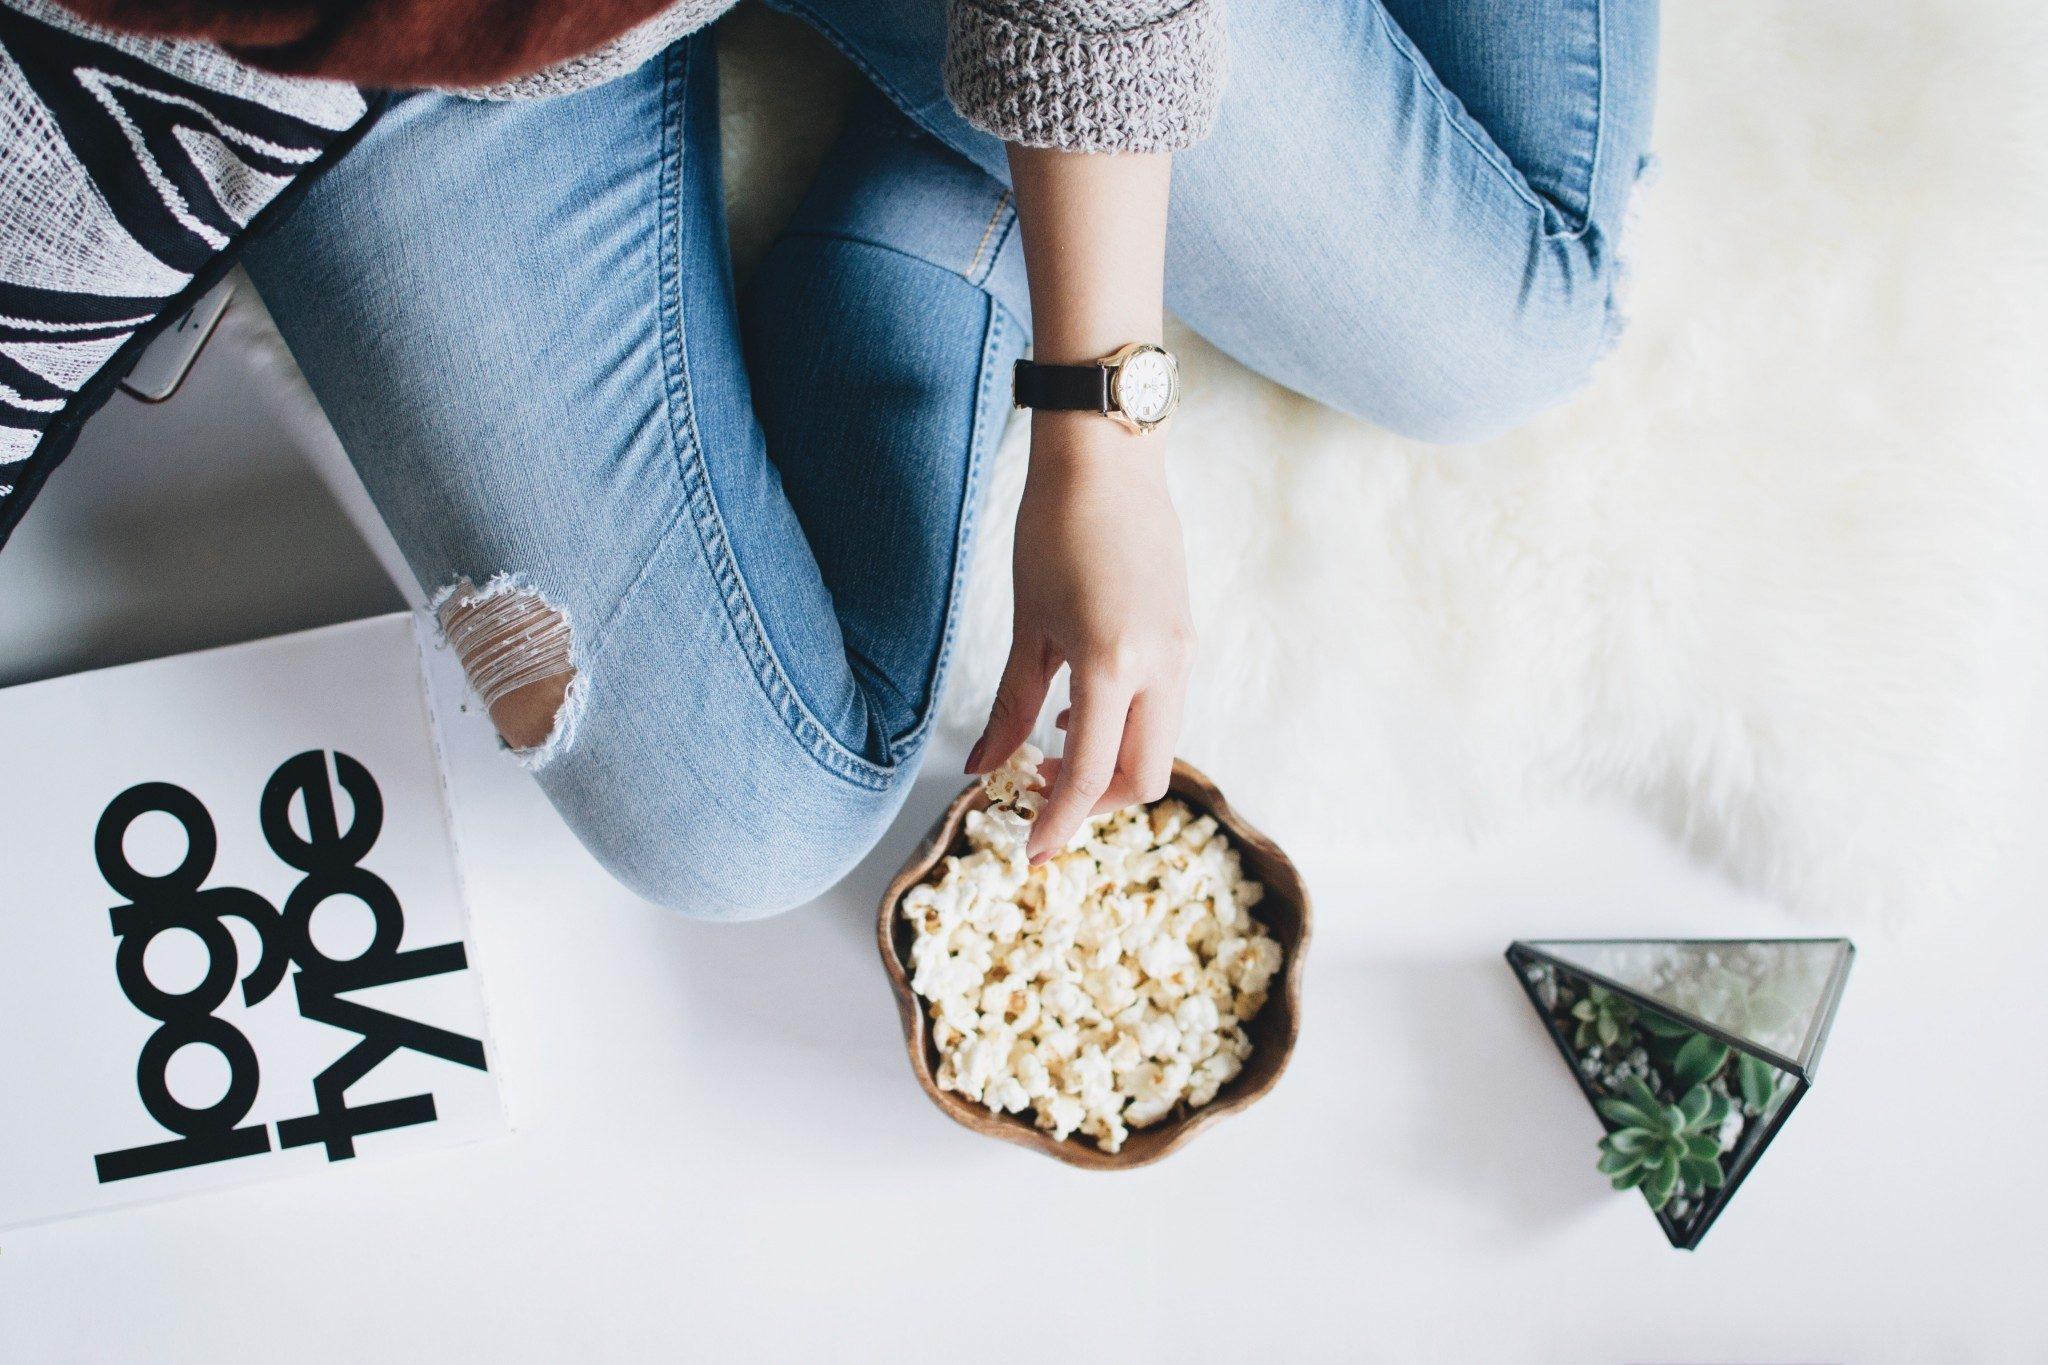 Veelgestelde vragen over intuïtief eten beantwoord